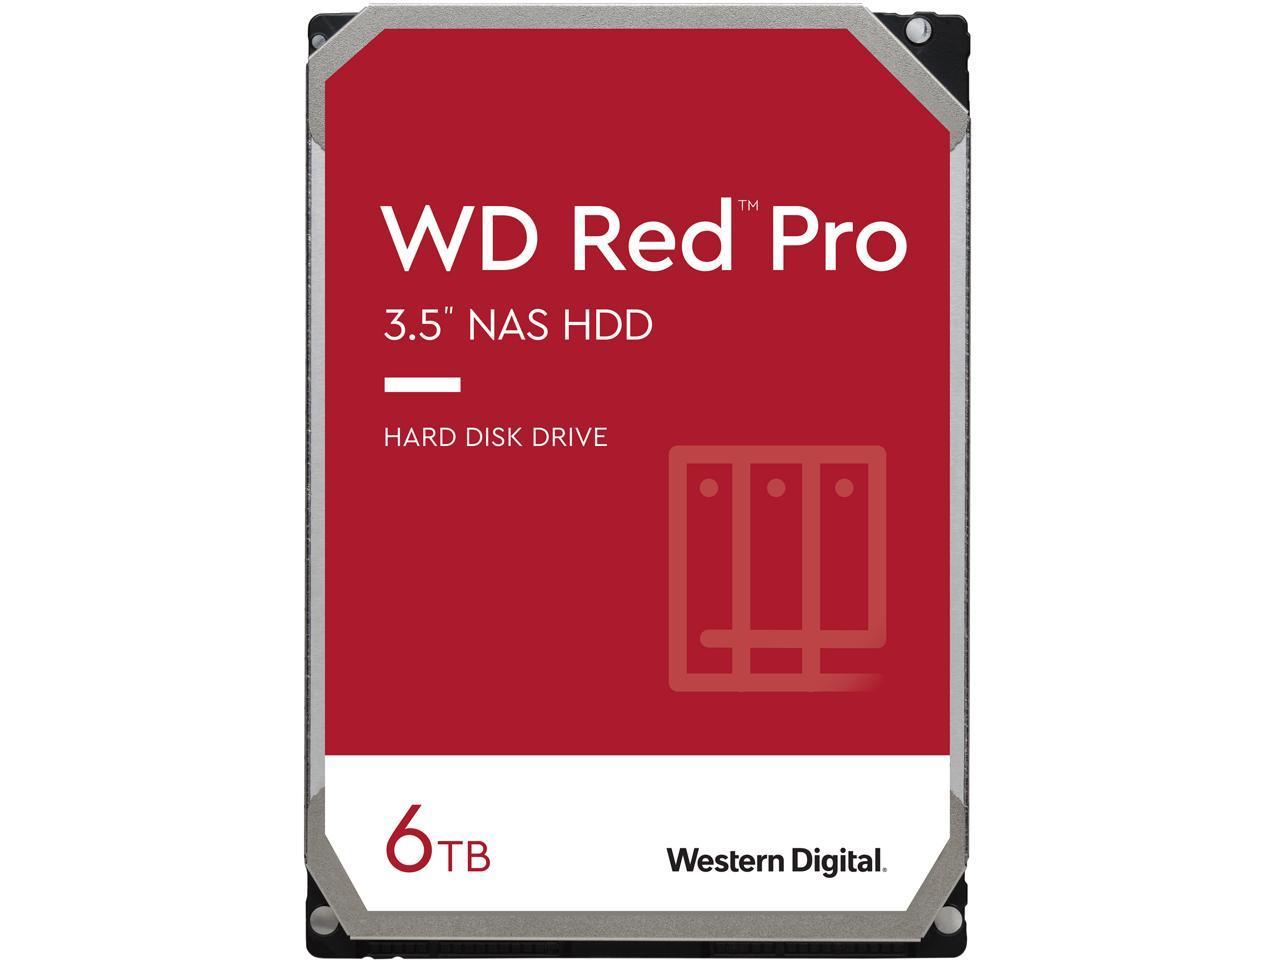 """Western Digital 6TB WD Red Pro NAS Internal Hard Drive - 7200 RPM Class, SATA 6 Gb/s, CMR, 256 MB Cache, 3.5"""" - WD6003FFBX $135.99"""